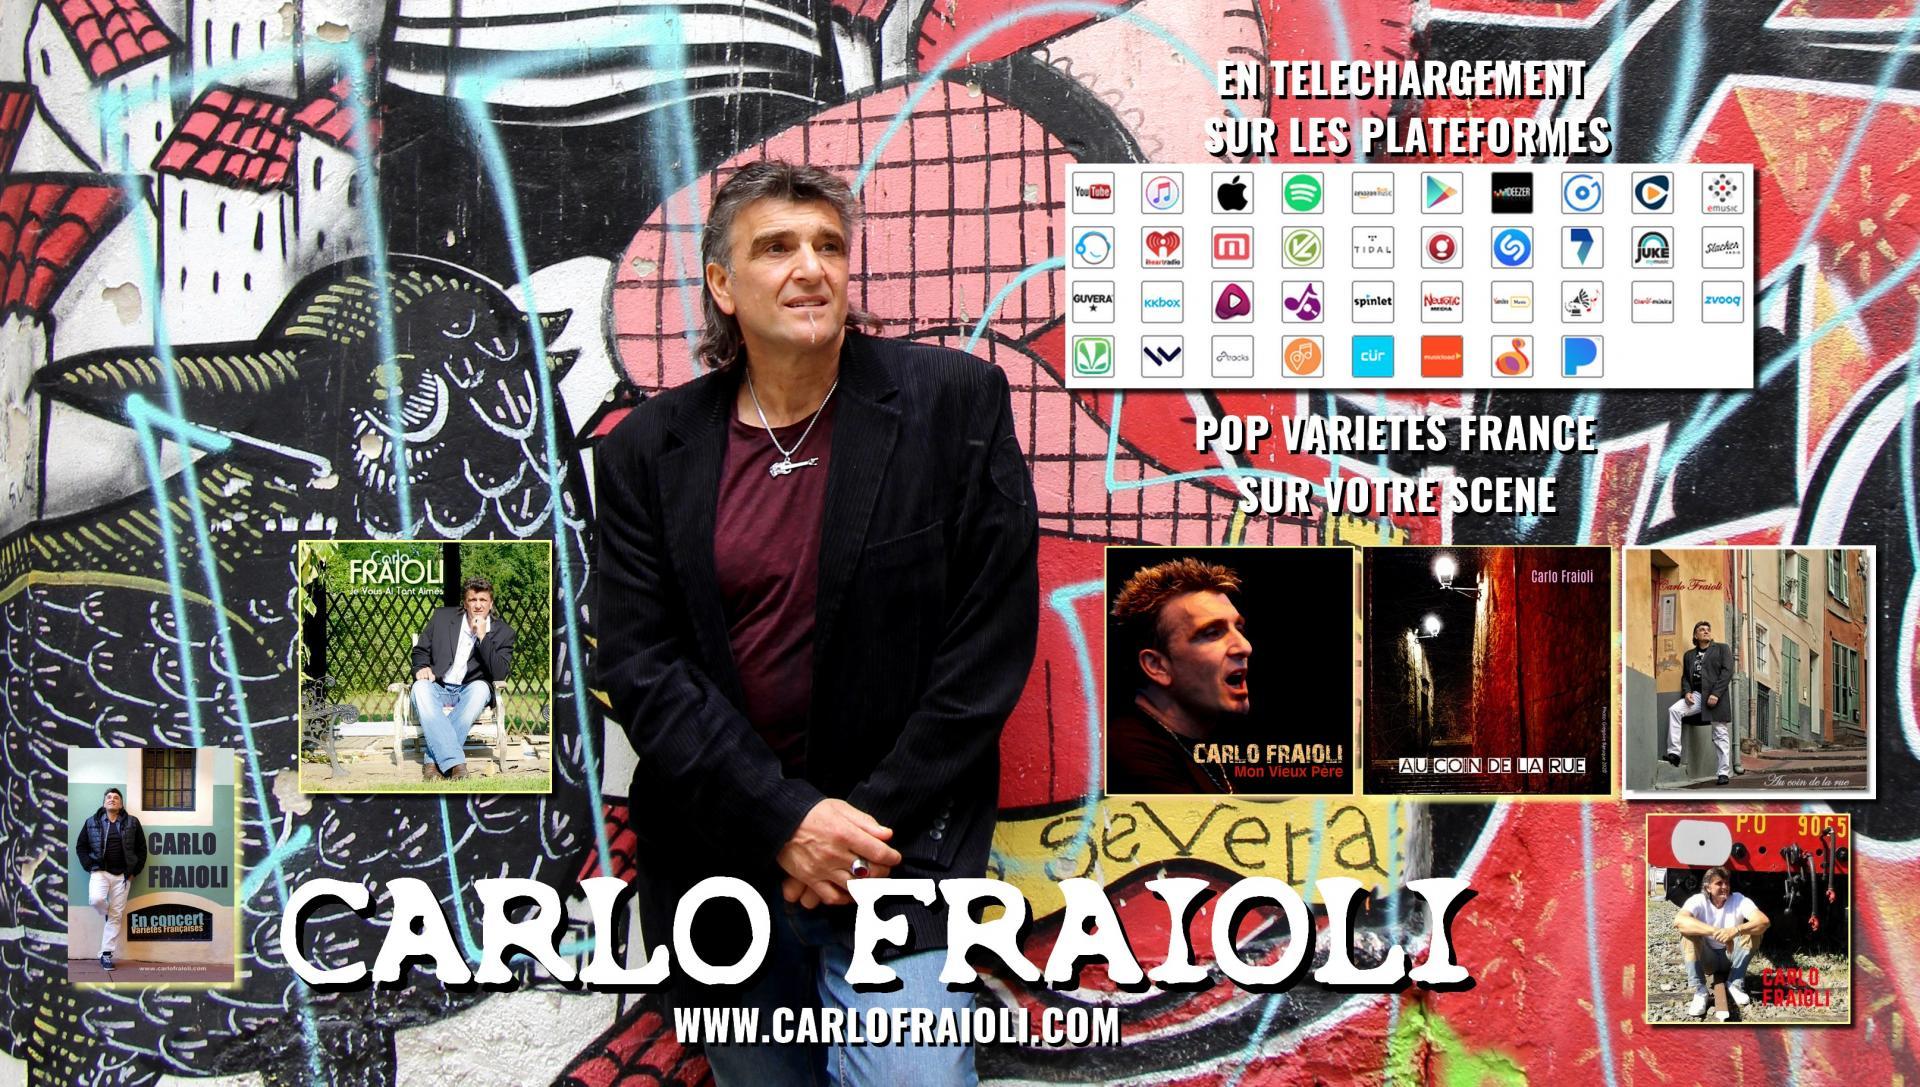 Carlo Fraioli Auteur-Interprète POP FR